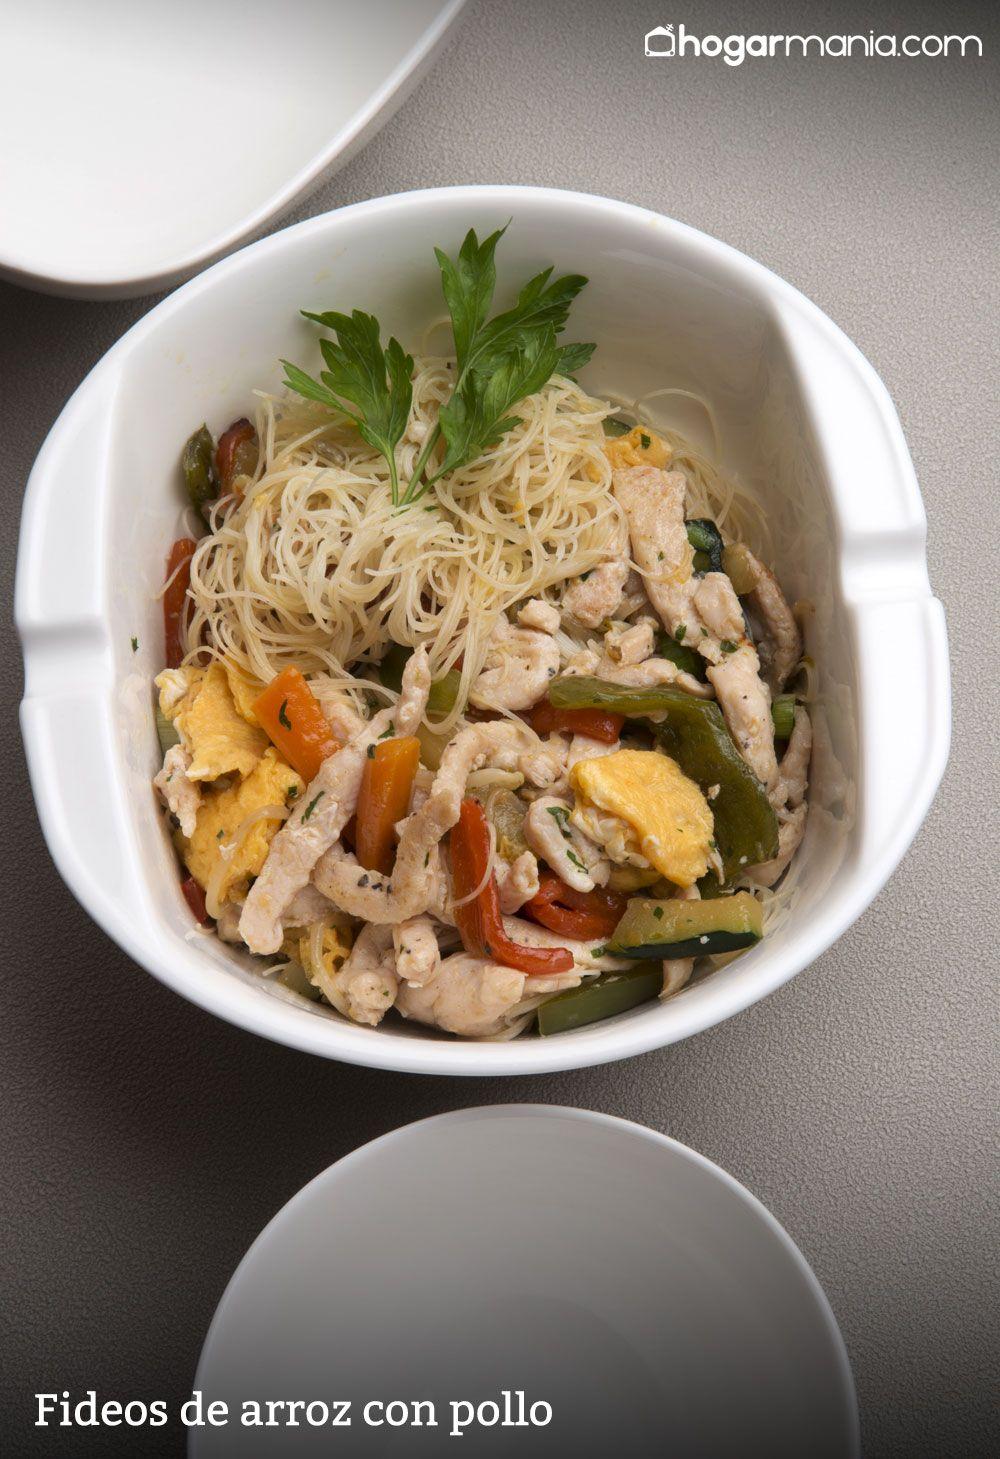 receta de fideos de arroz con pollo karlos argui ano